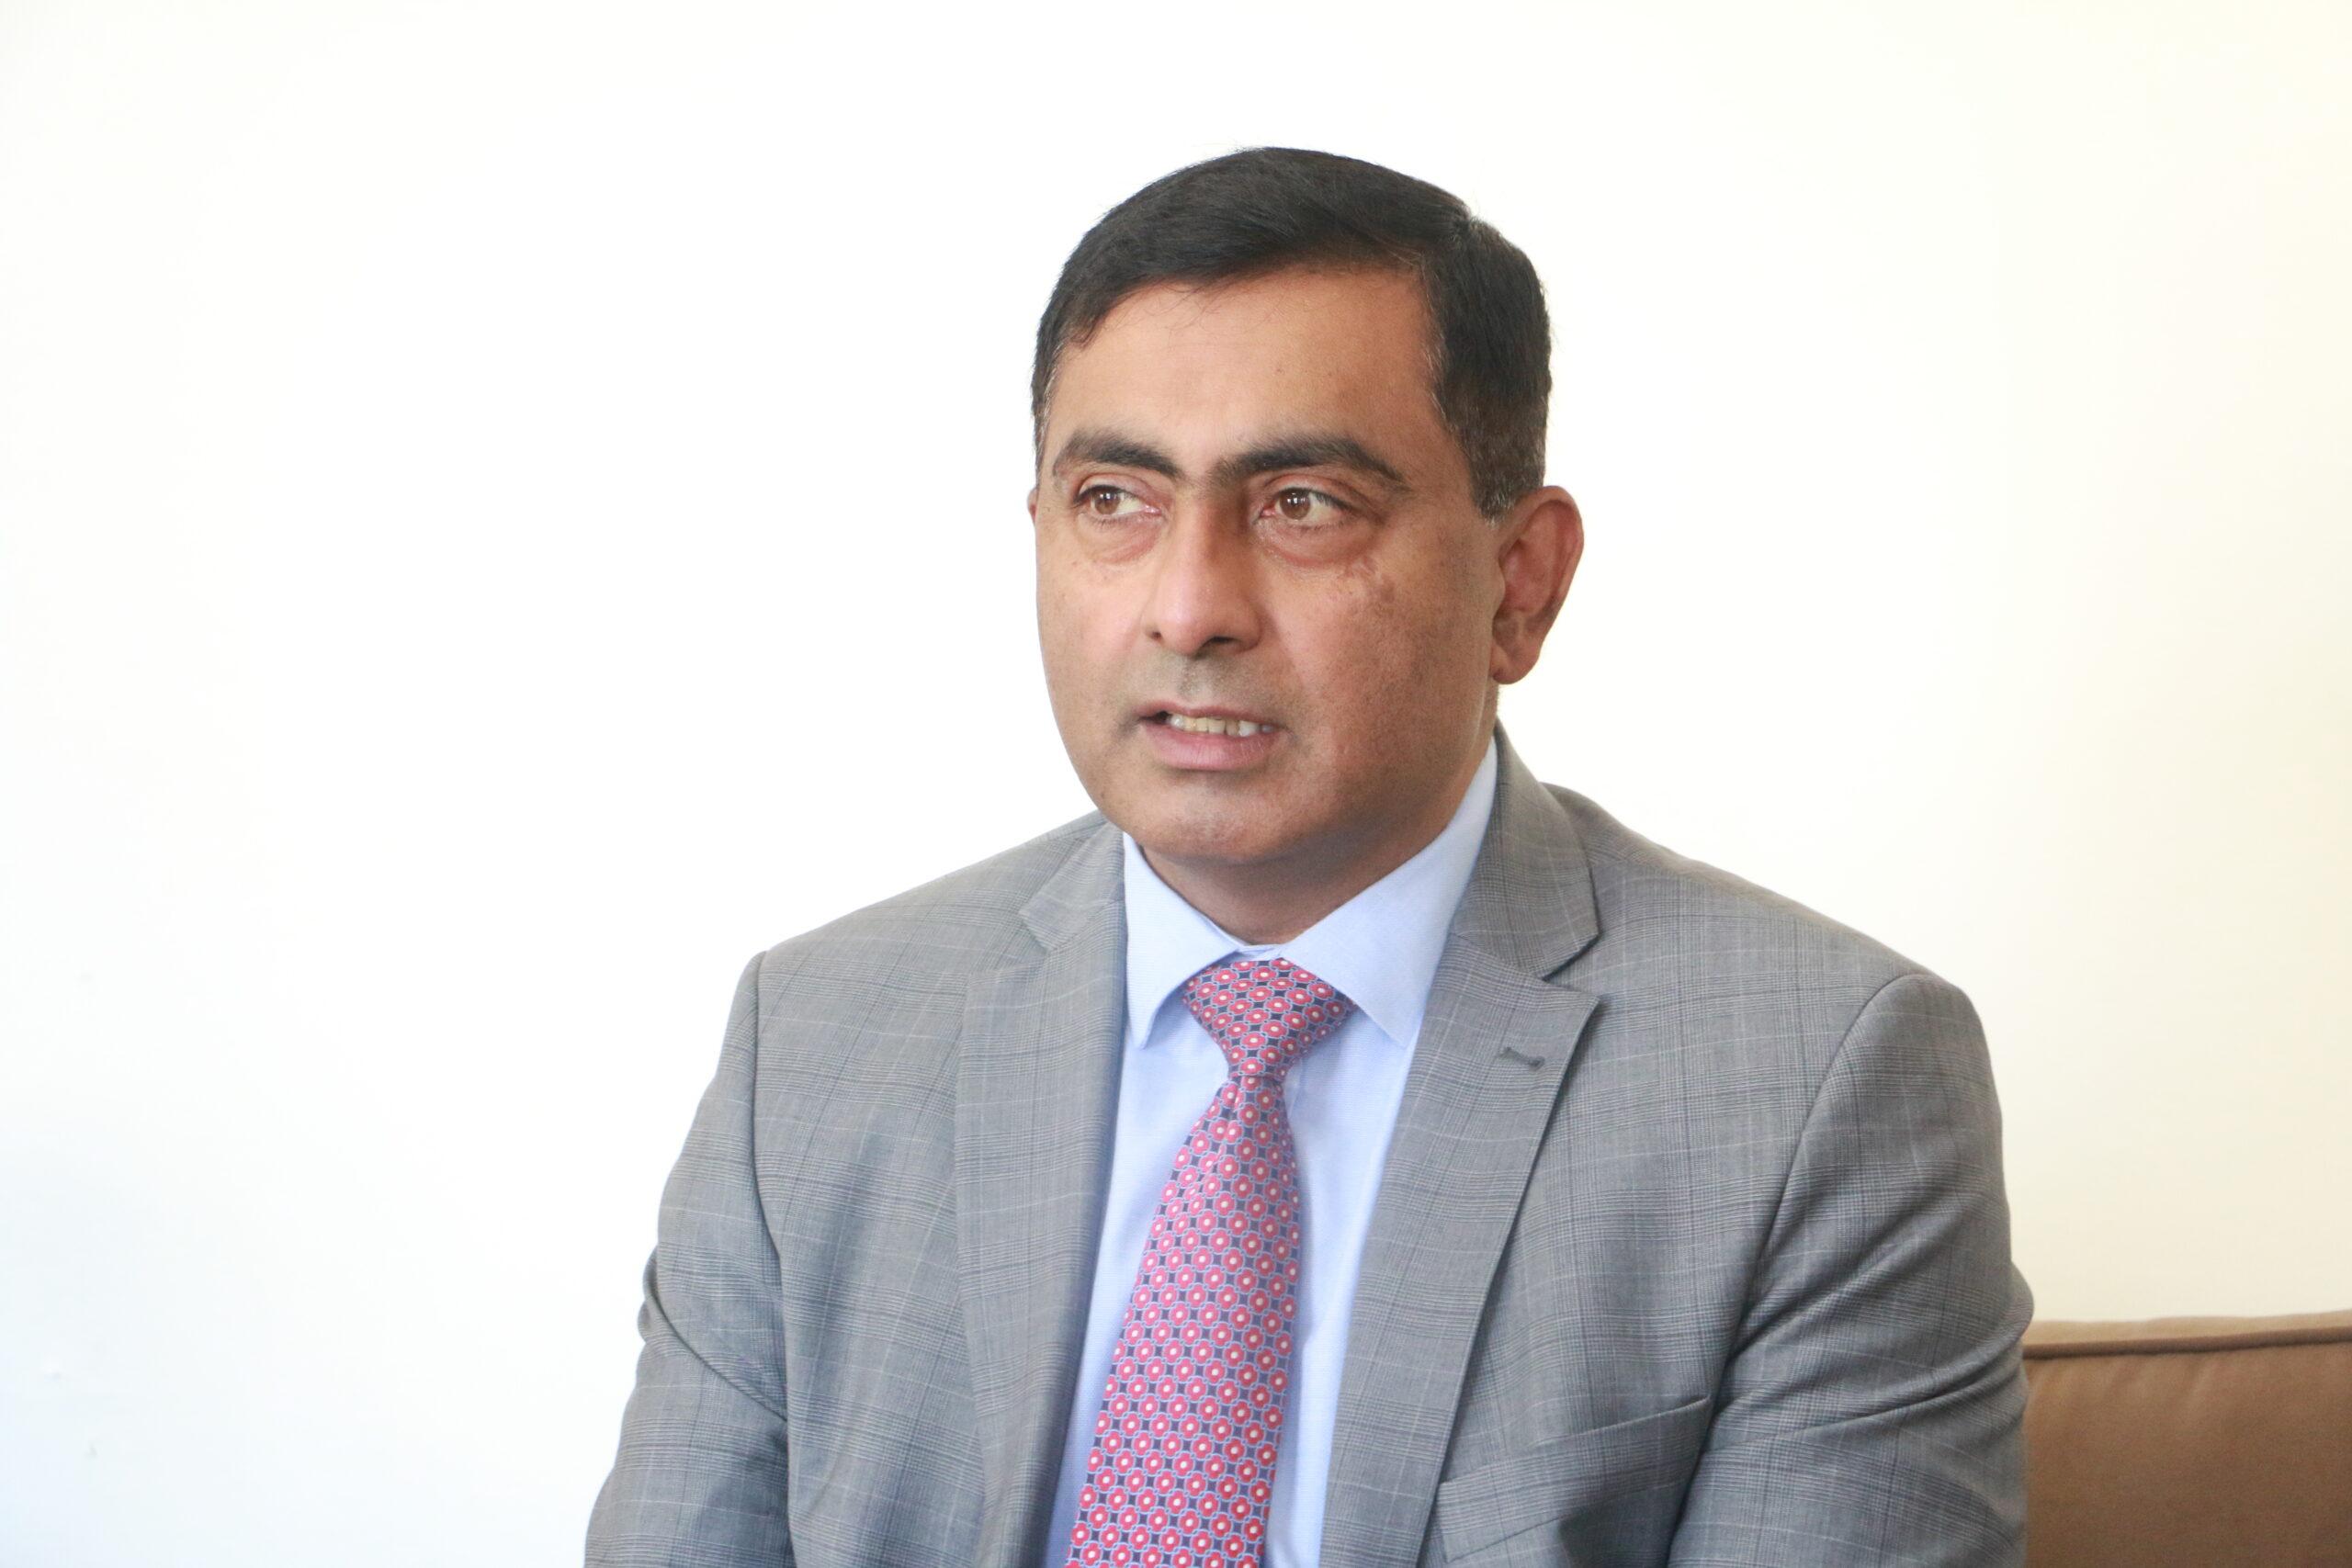 سفير باكستان في لبنان نجيب دوراني: على إستعداد للتعاون مع لبنان في مكافحة الإرهاب